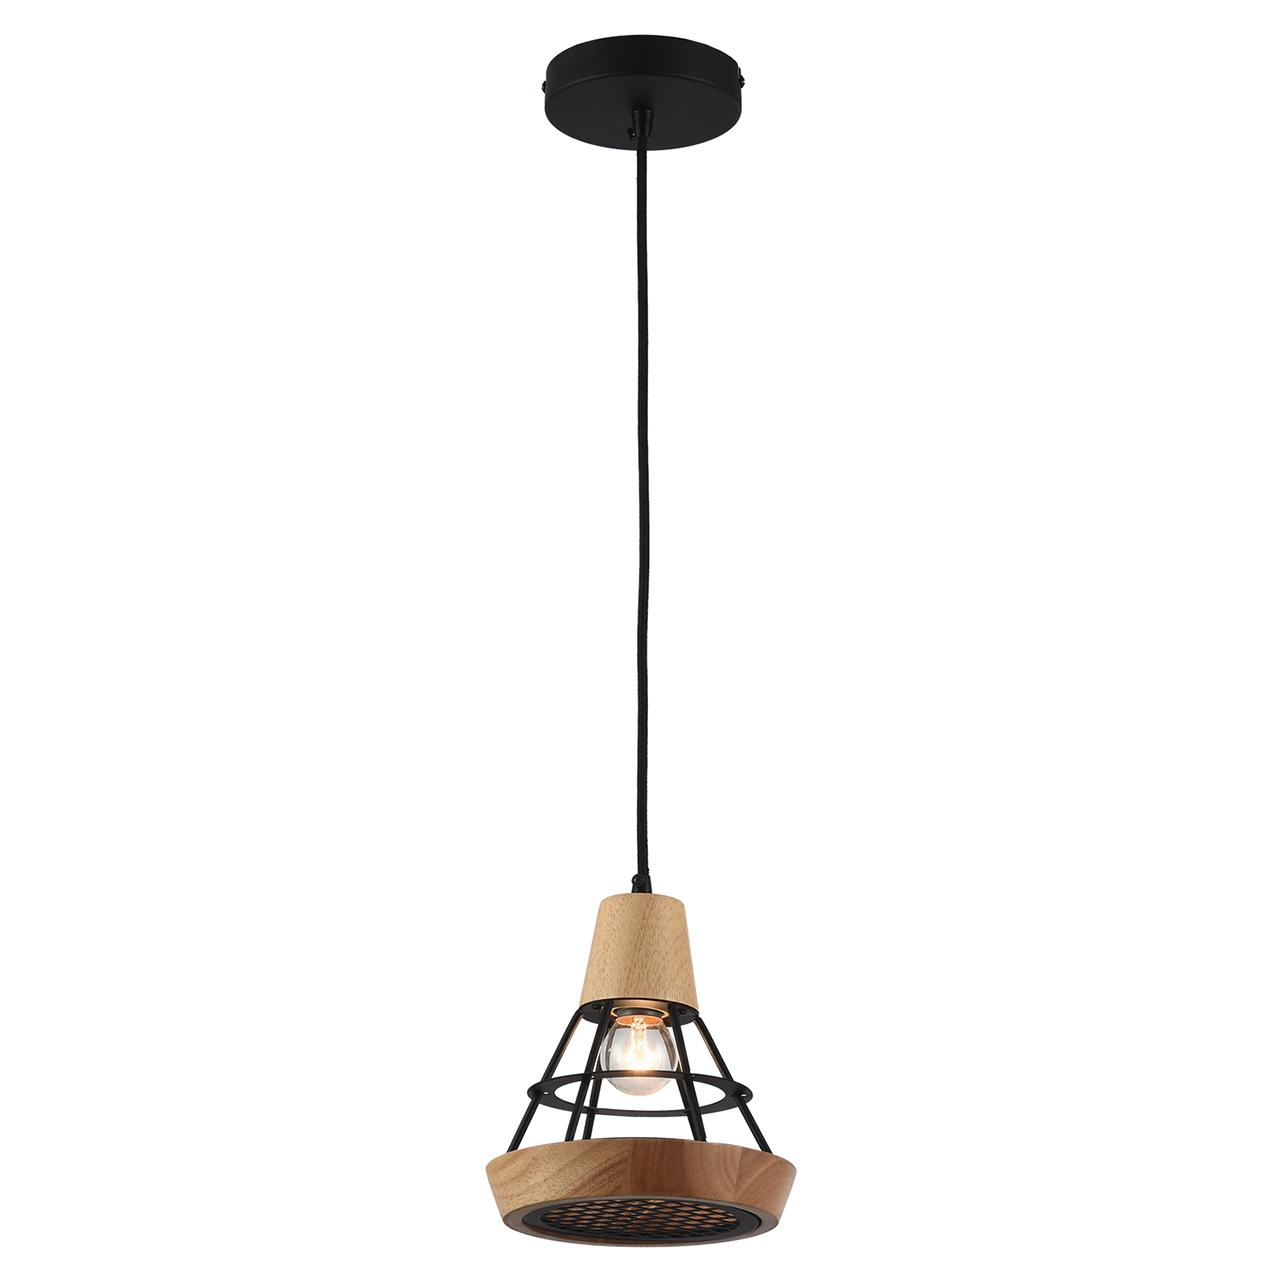 Подвесной светильник Lussole Loft Hisoka LSP-9837 подвесной светильник lussole loft lsp 9889